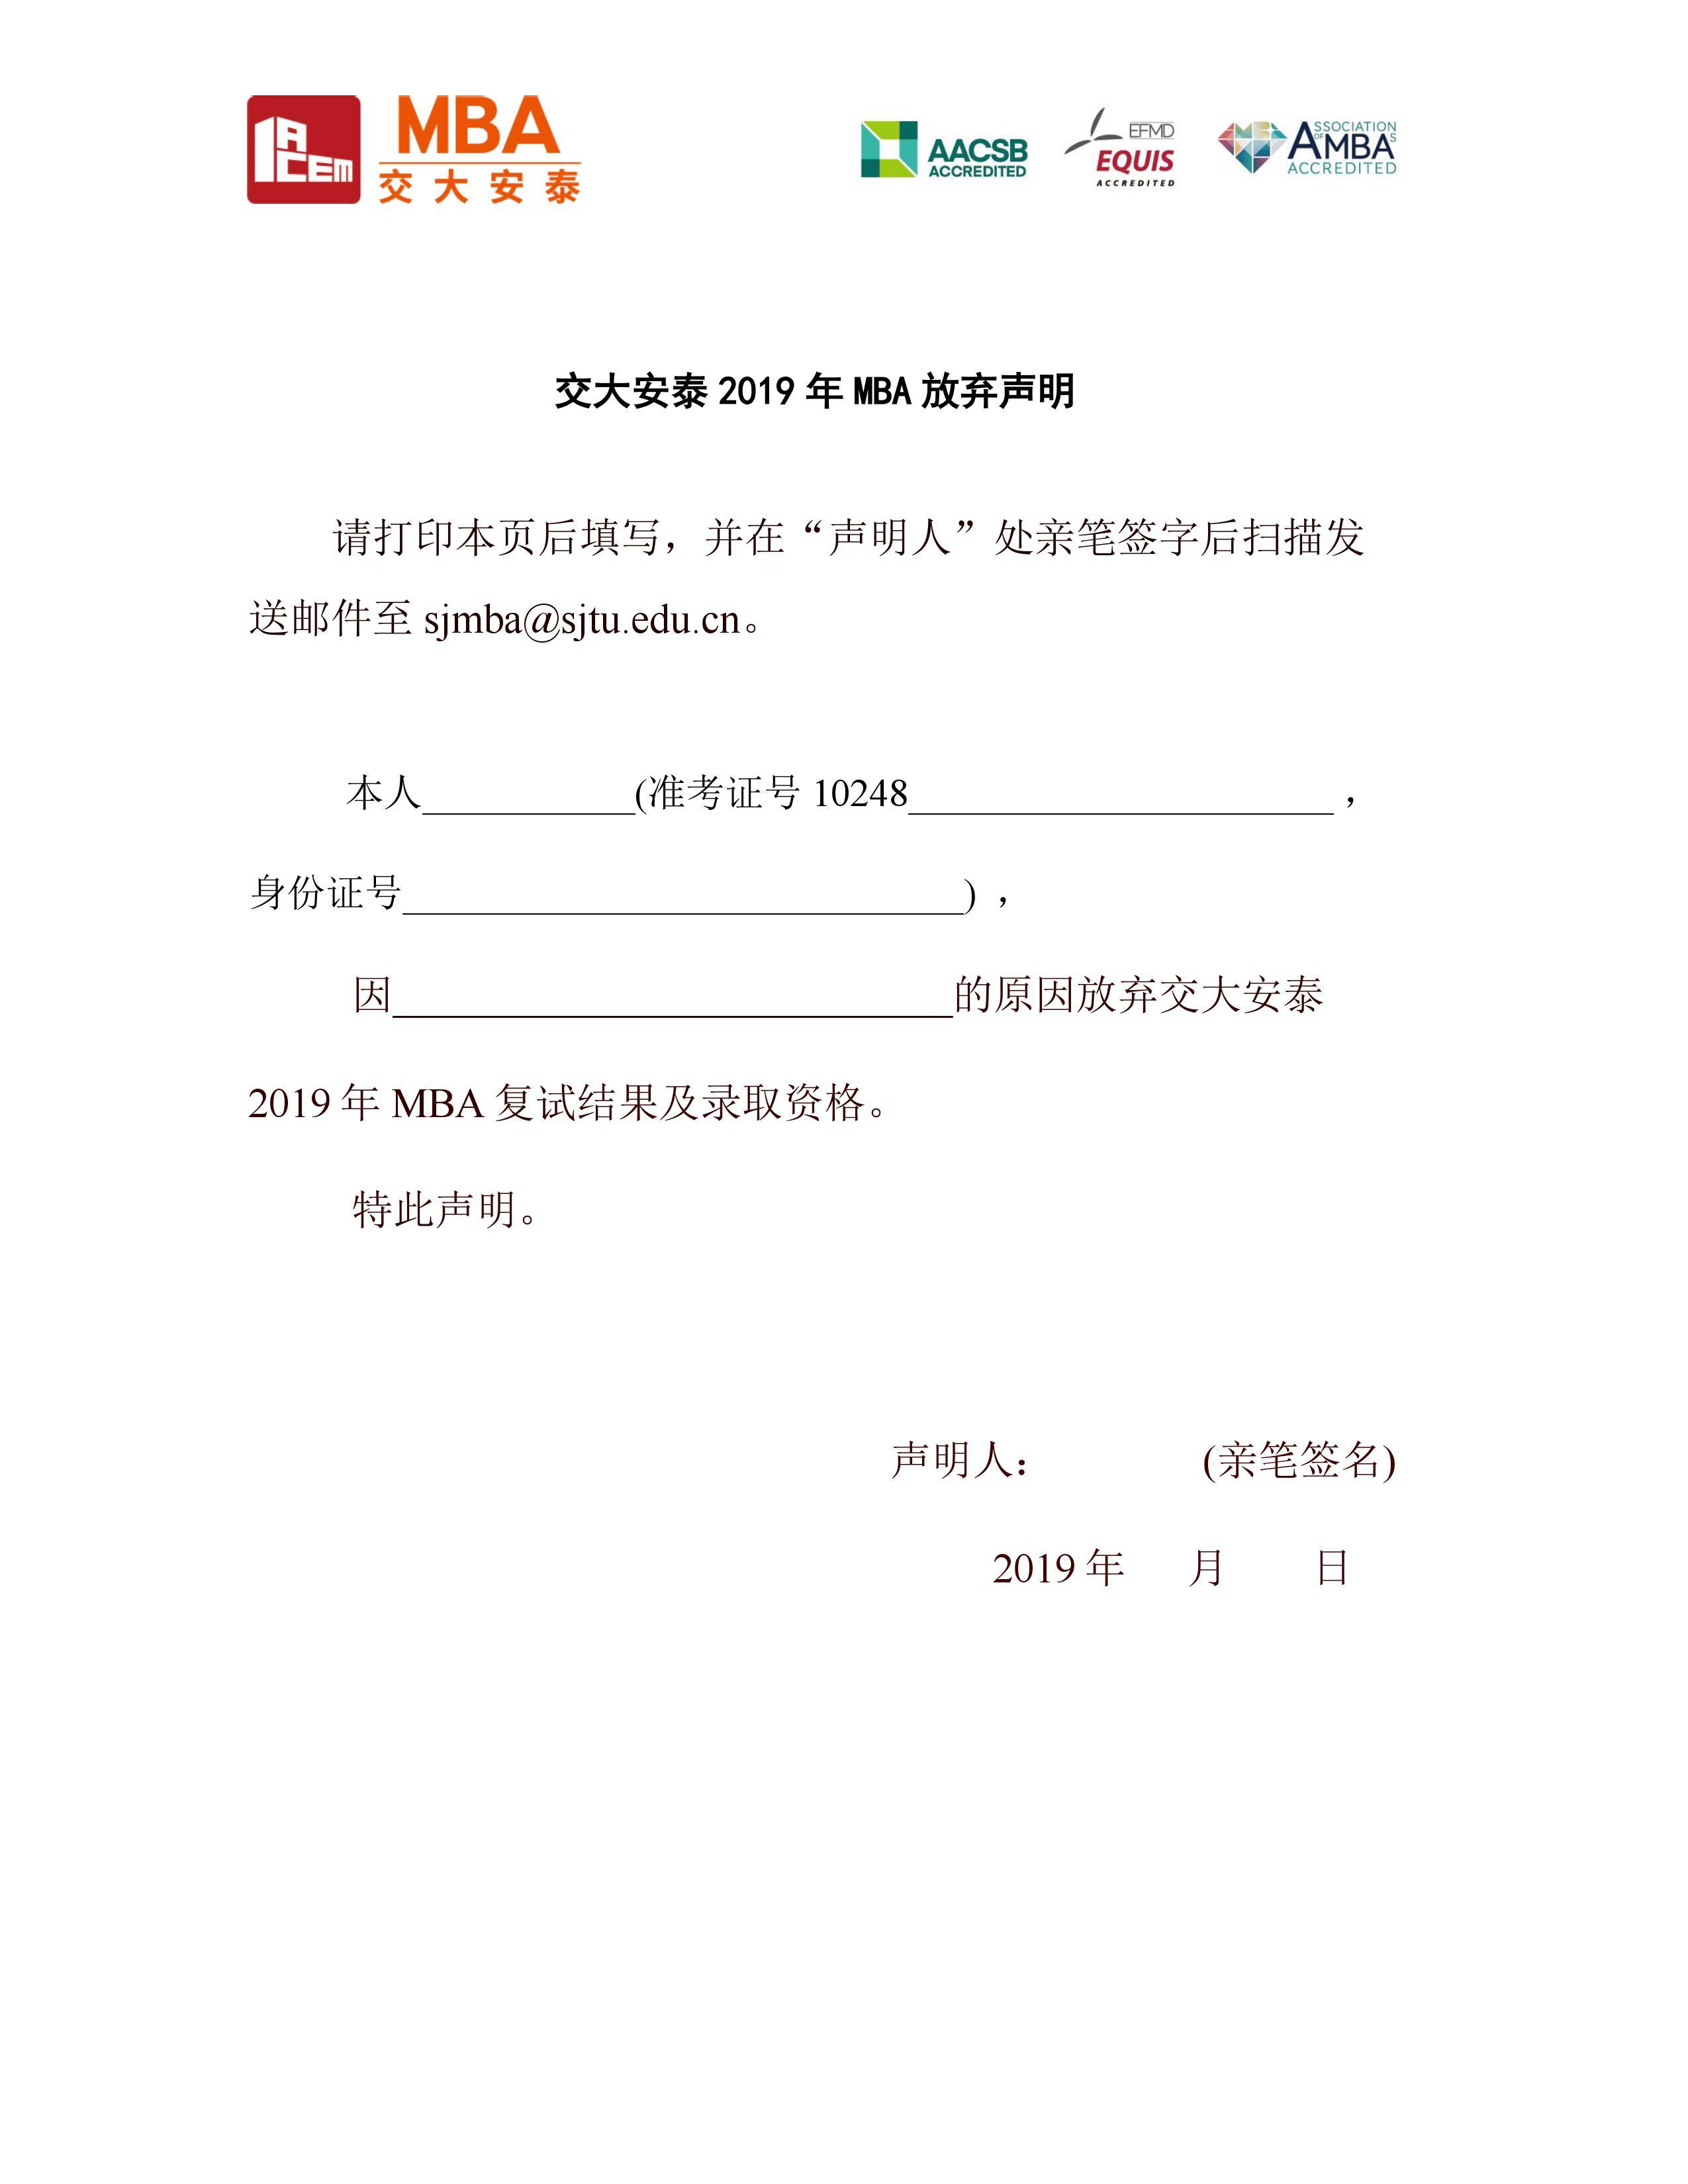 交大安泰2019年MBA放弃递补声明